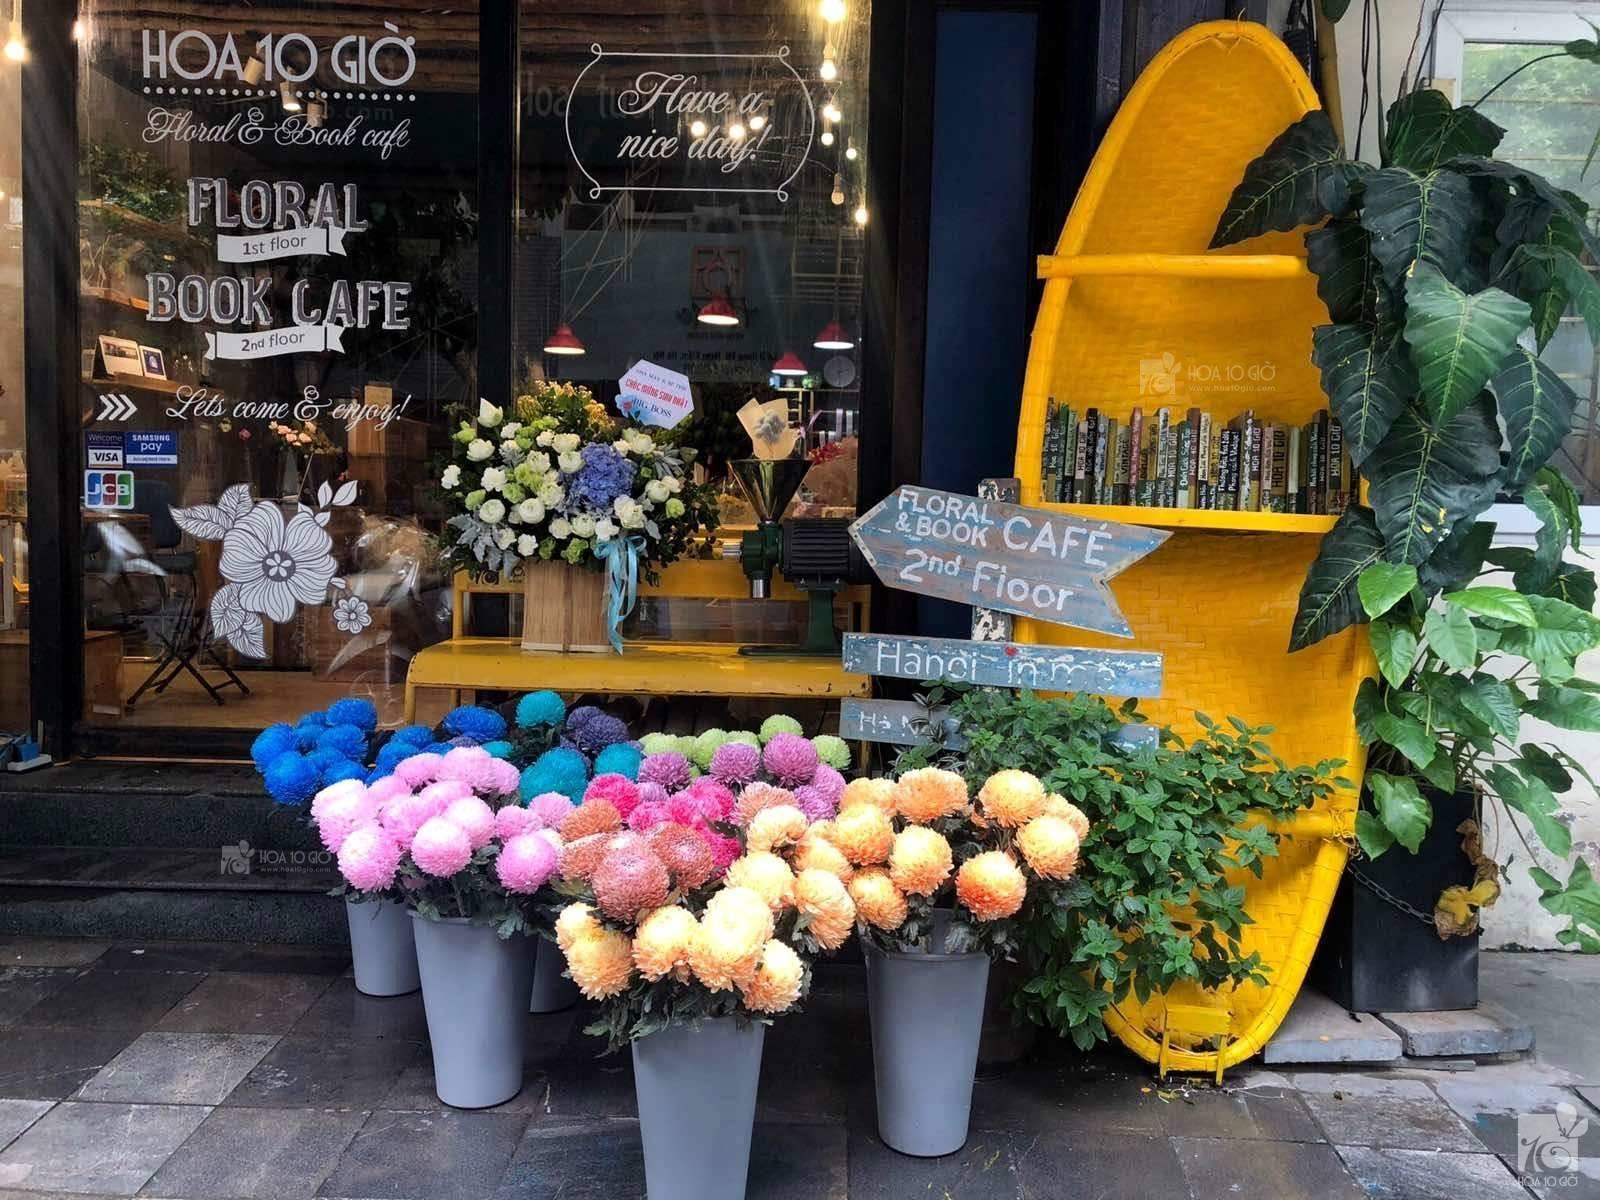 Hoa 10 Giờ – Floral & Book Cafe